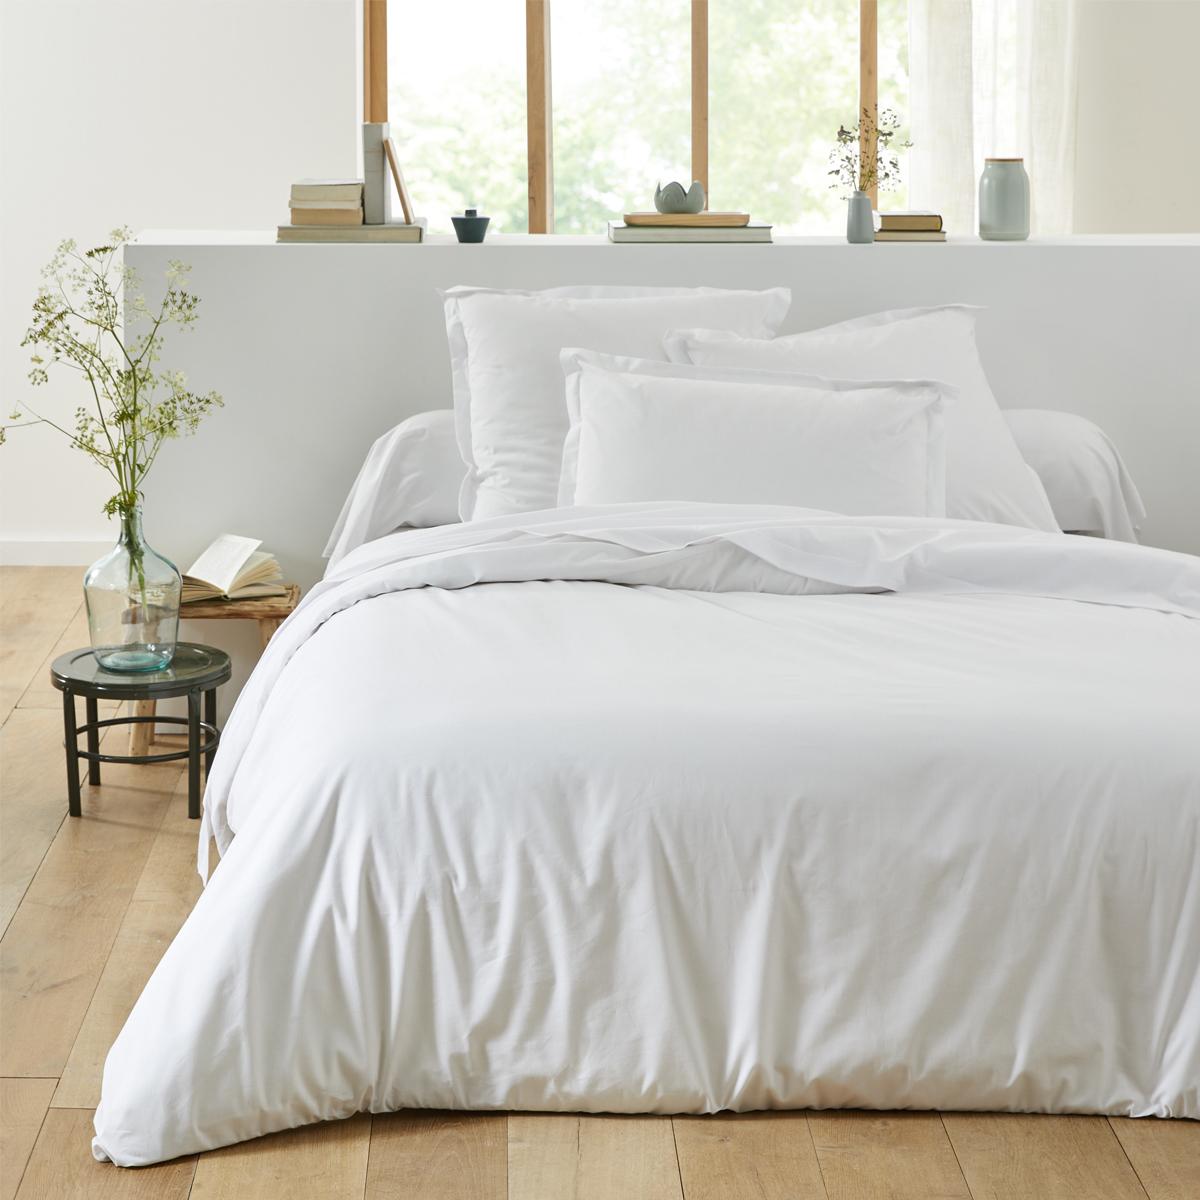 Housse de couette unie en coton blanc 260x240